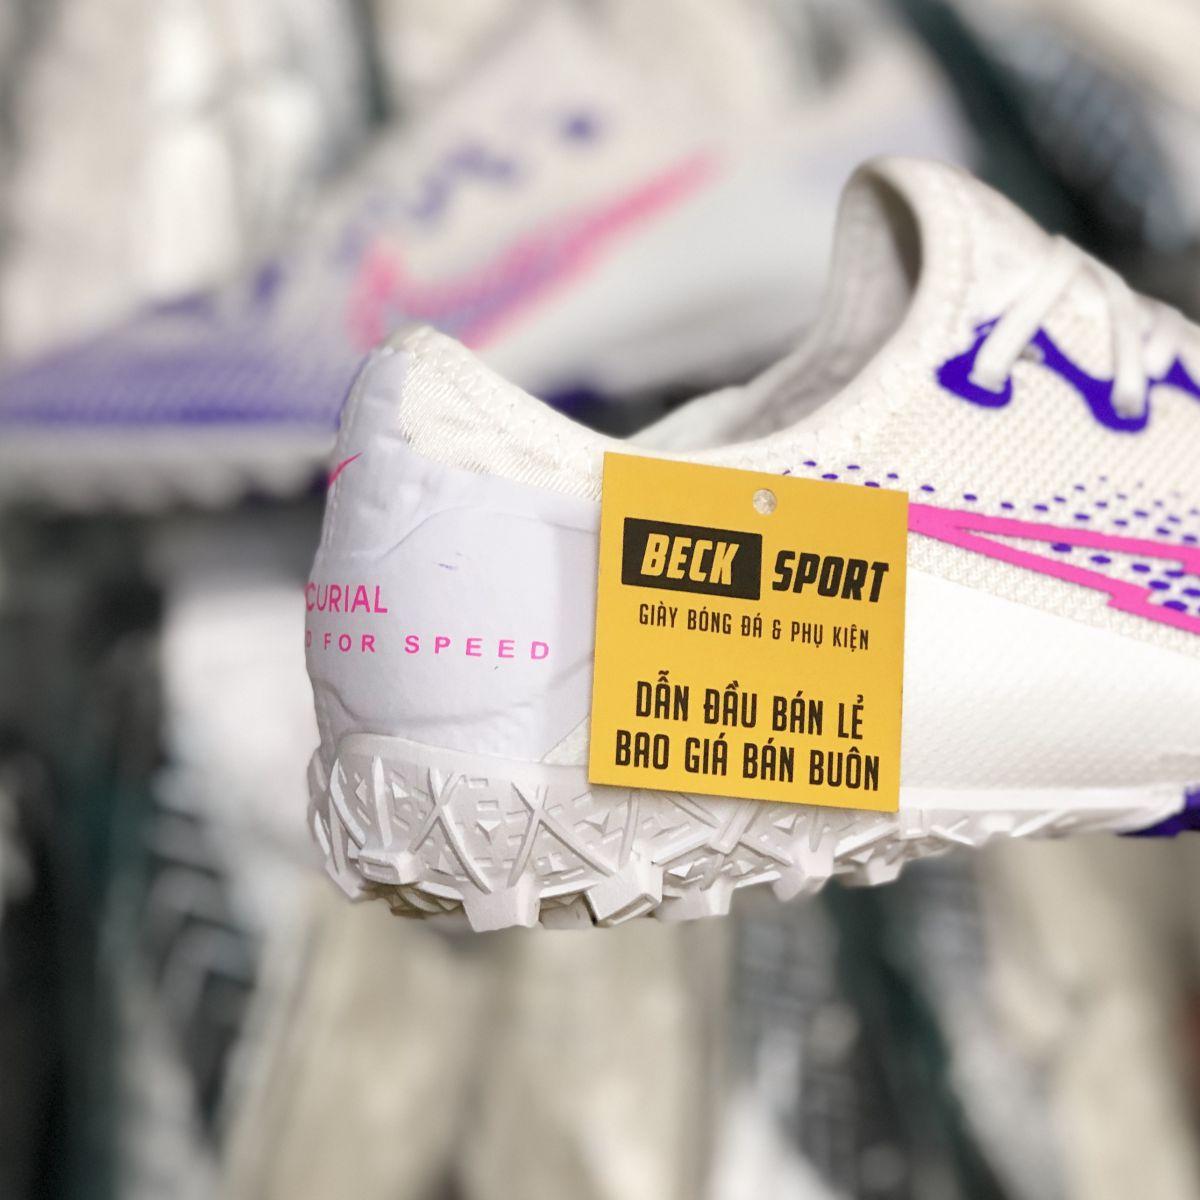 Giày Bóng Đá Nike Mercurial Vapor 13 Pro Trắng Mũi Tím Vạch Hồng V2 TF